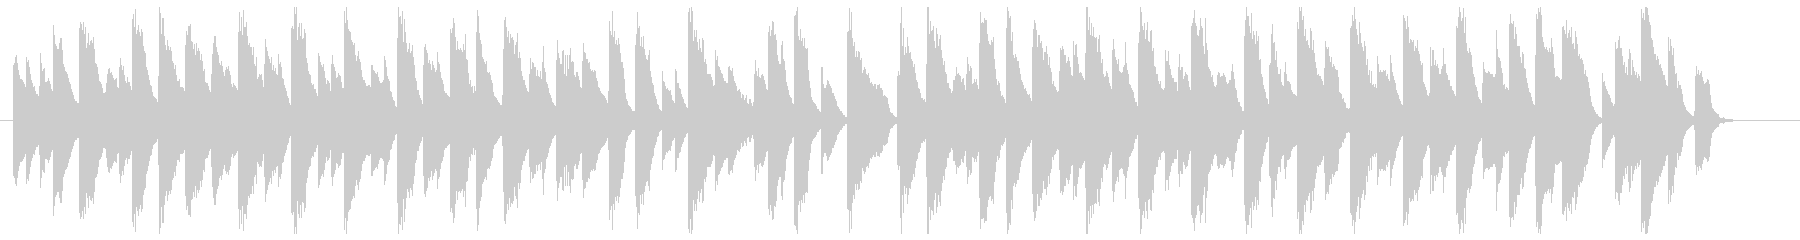 スローな古いジャズピアノ(ブルース寄り)の未再生の波形